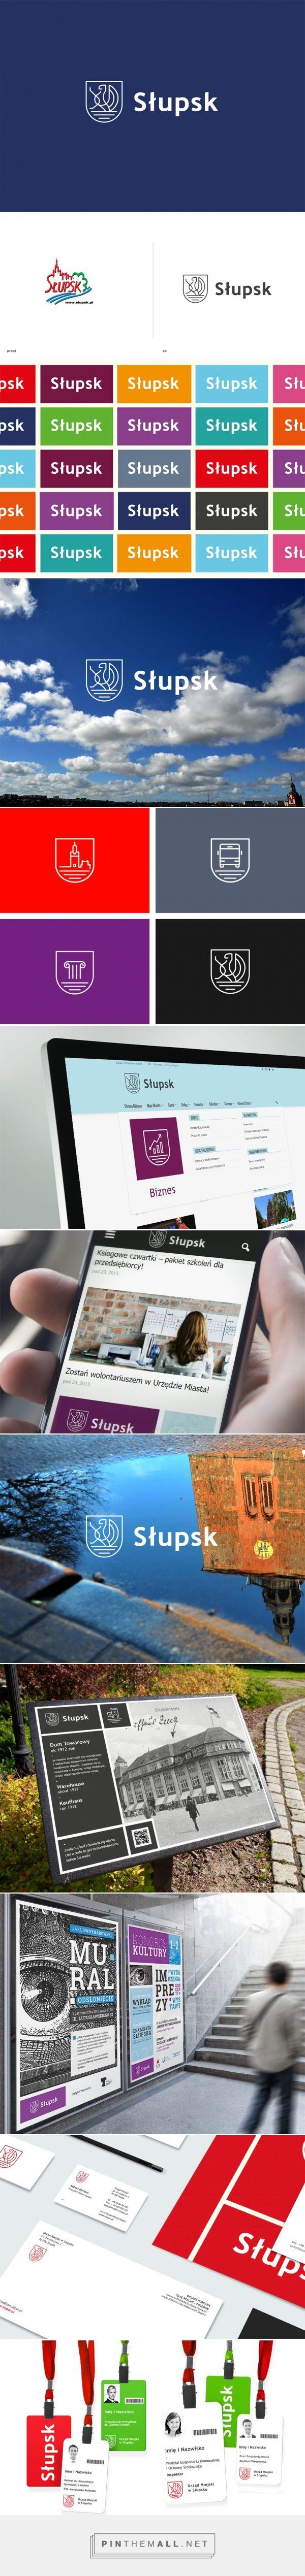 Słupsk :: Identyfikacja wizualna i budowanie marki - created via https://pinthemall.net